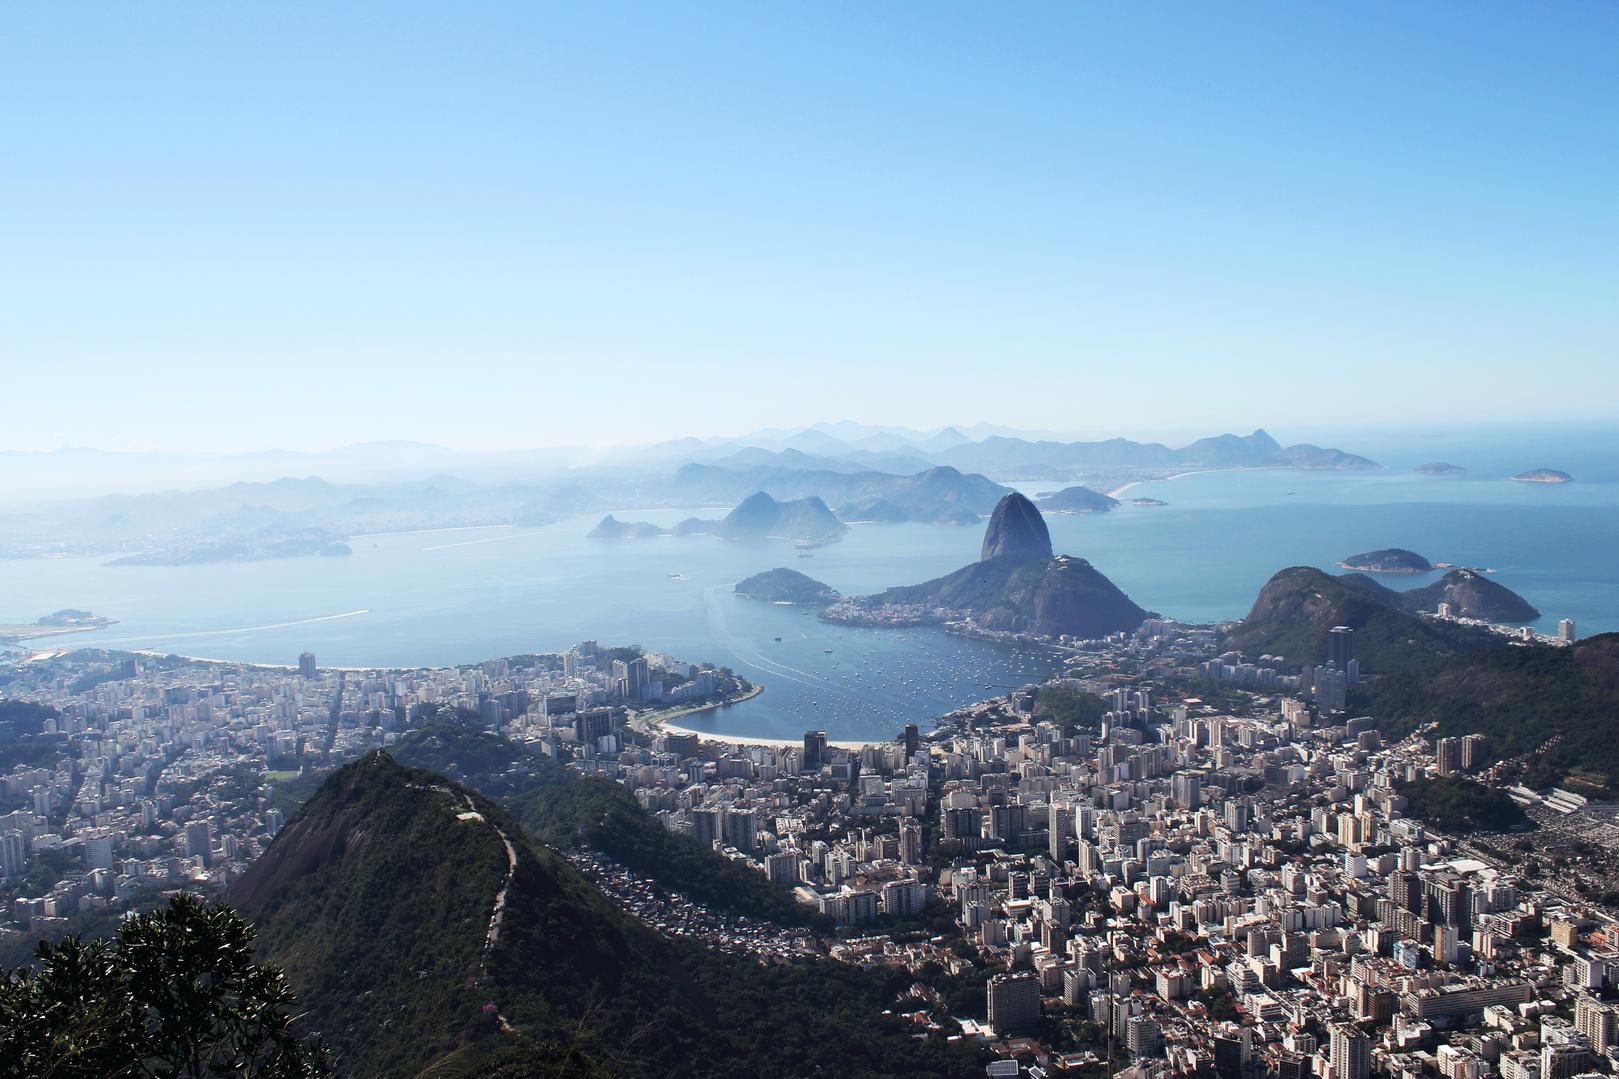 Mirador Cristo Redentor, Rio de Janeiro. Brazil